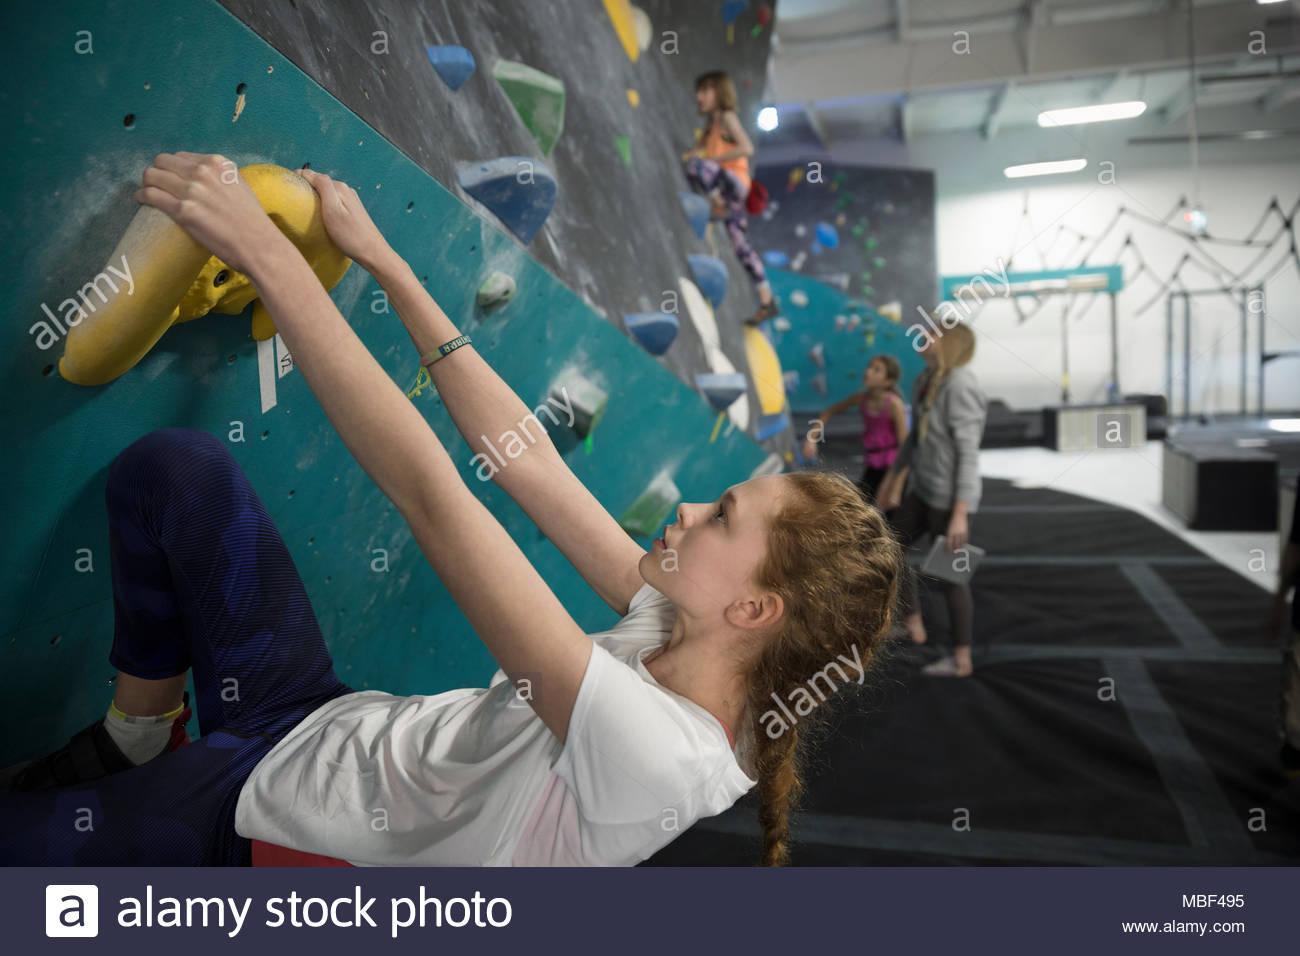 Centrado, chica fuerte escalador muro de escalada en el gimnasio de escalada Imagen De Stock